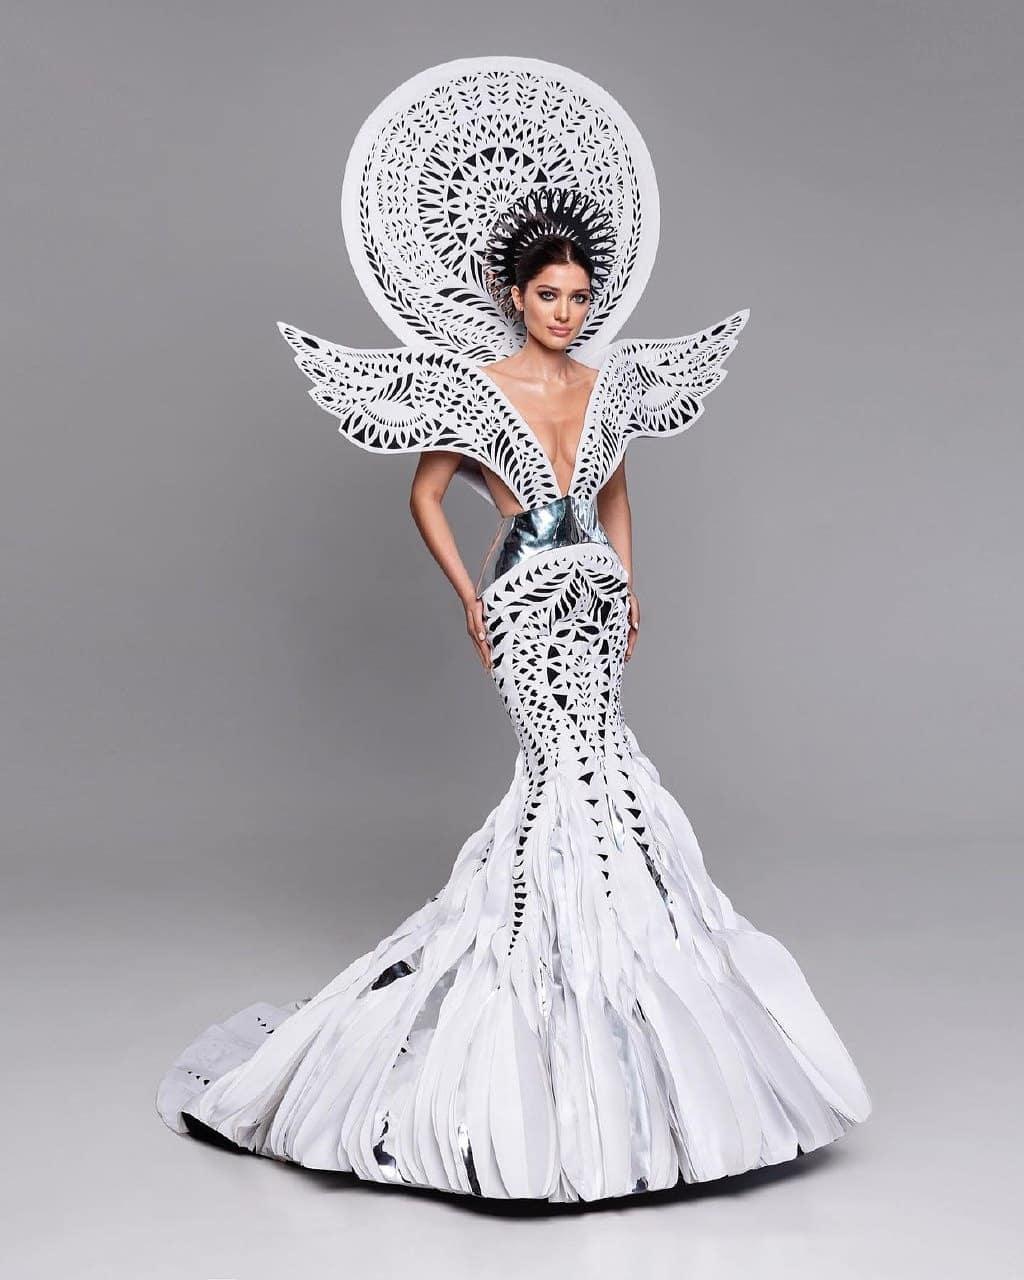 Мисс Вселенная 2021: украинская красавица показала новый вечерний наряд для финала